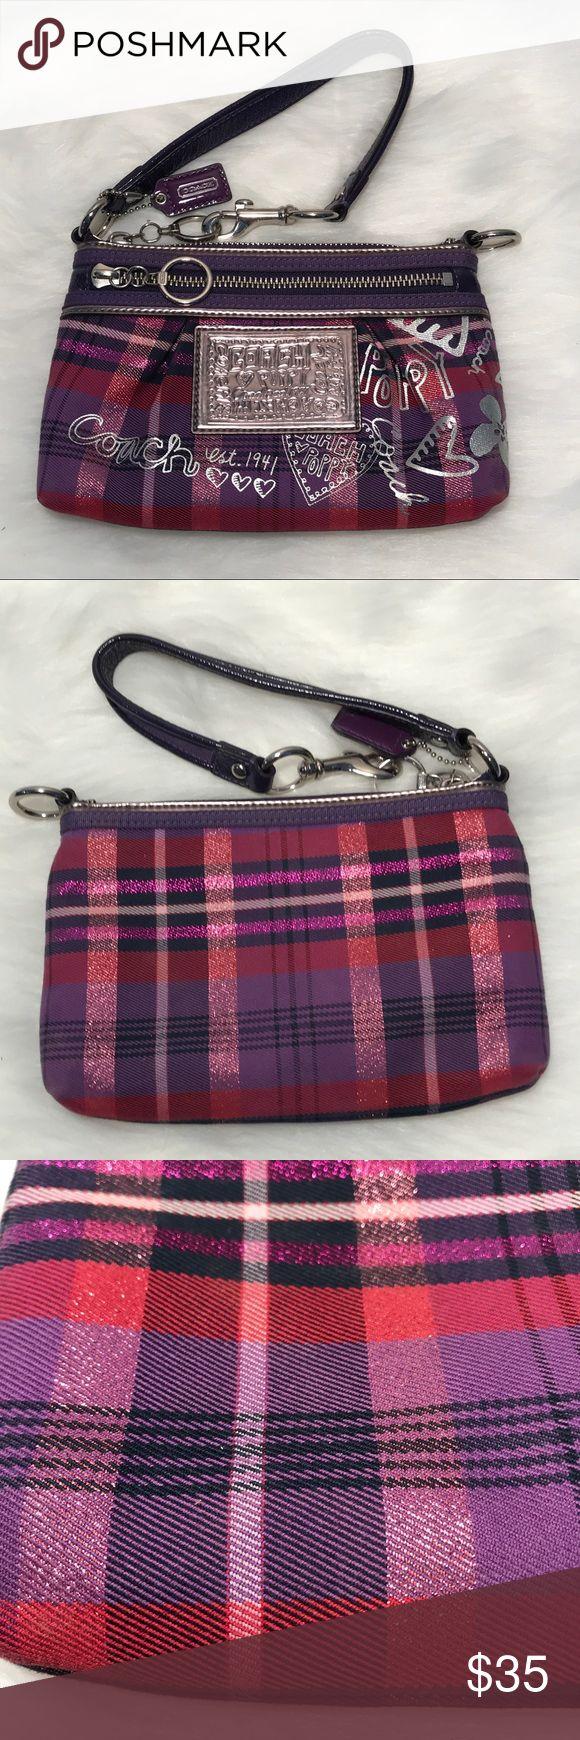 """Coach poppy purple plaid wristlet/shoulder bag Like new Coach poppy purple plaid wristlet/shoulder bag. 8 1/4x5 1/2"""". 2 zip openings. Coach Bags Clutches & Wristlets"""